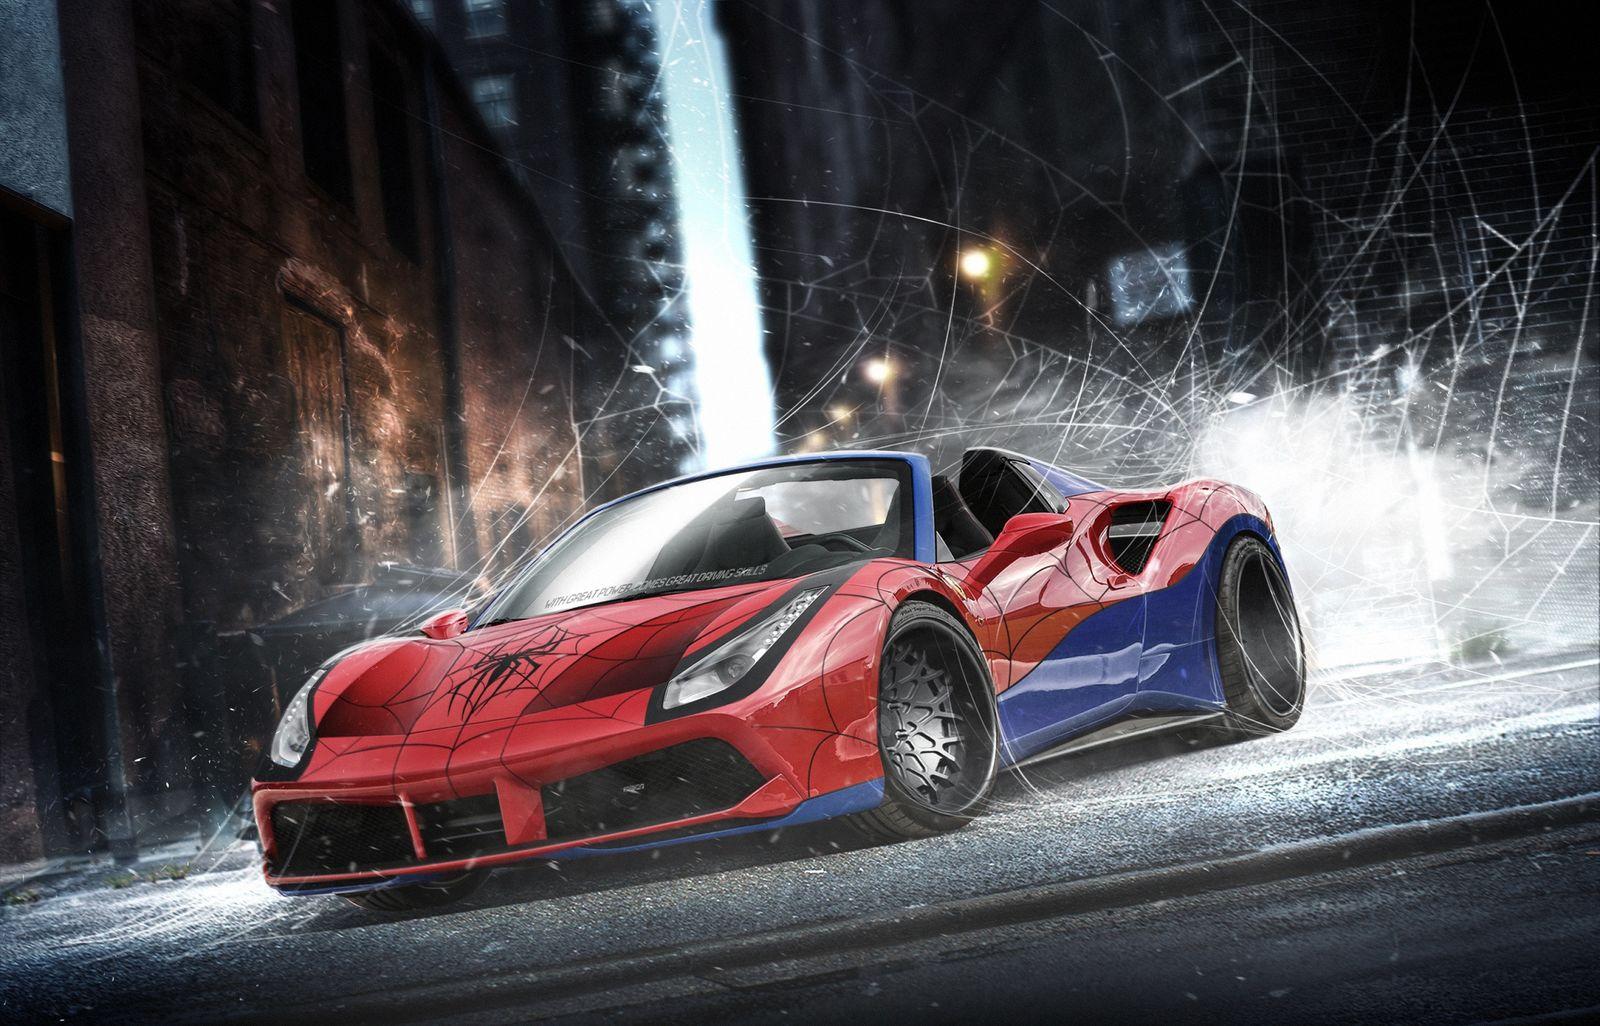 superhero-car-designs-opn-gallery-5.jpg